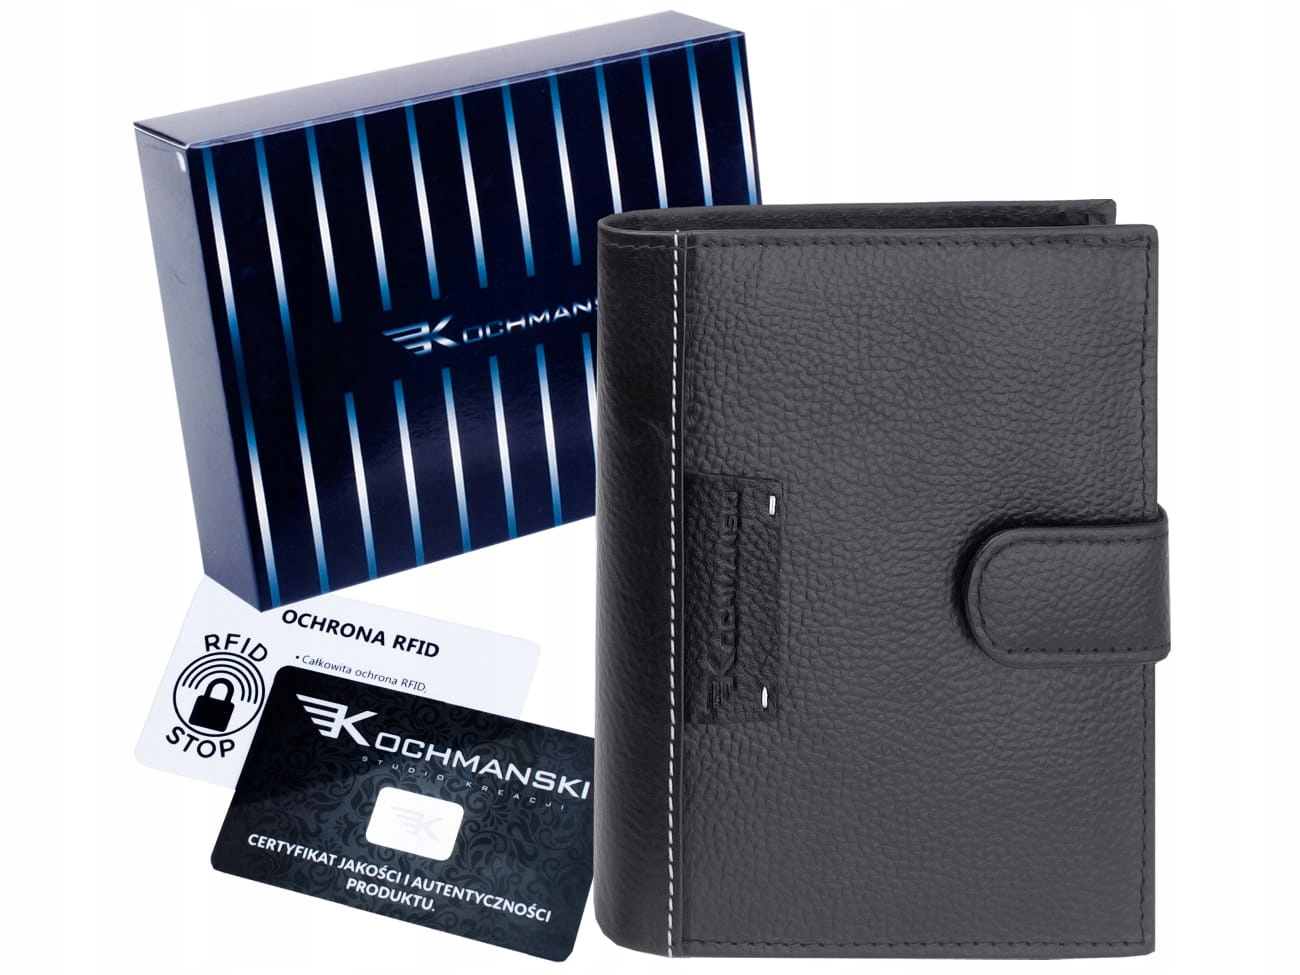 Кожаный кошелек для мужчин KOCHMANSKI RFID кожа большая